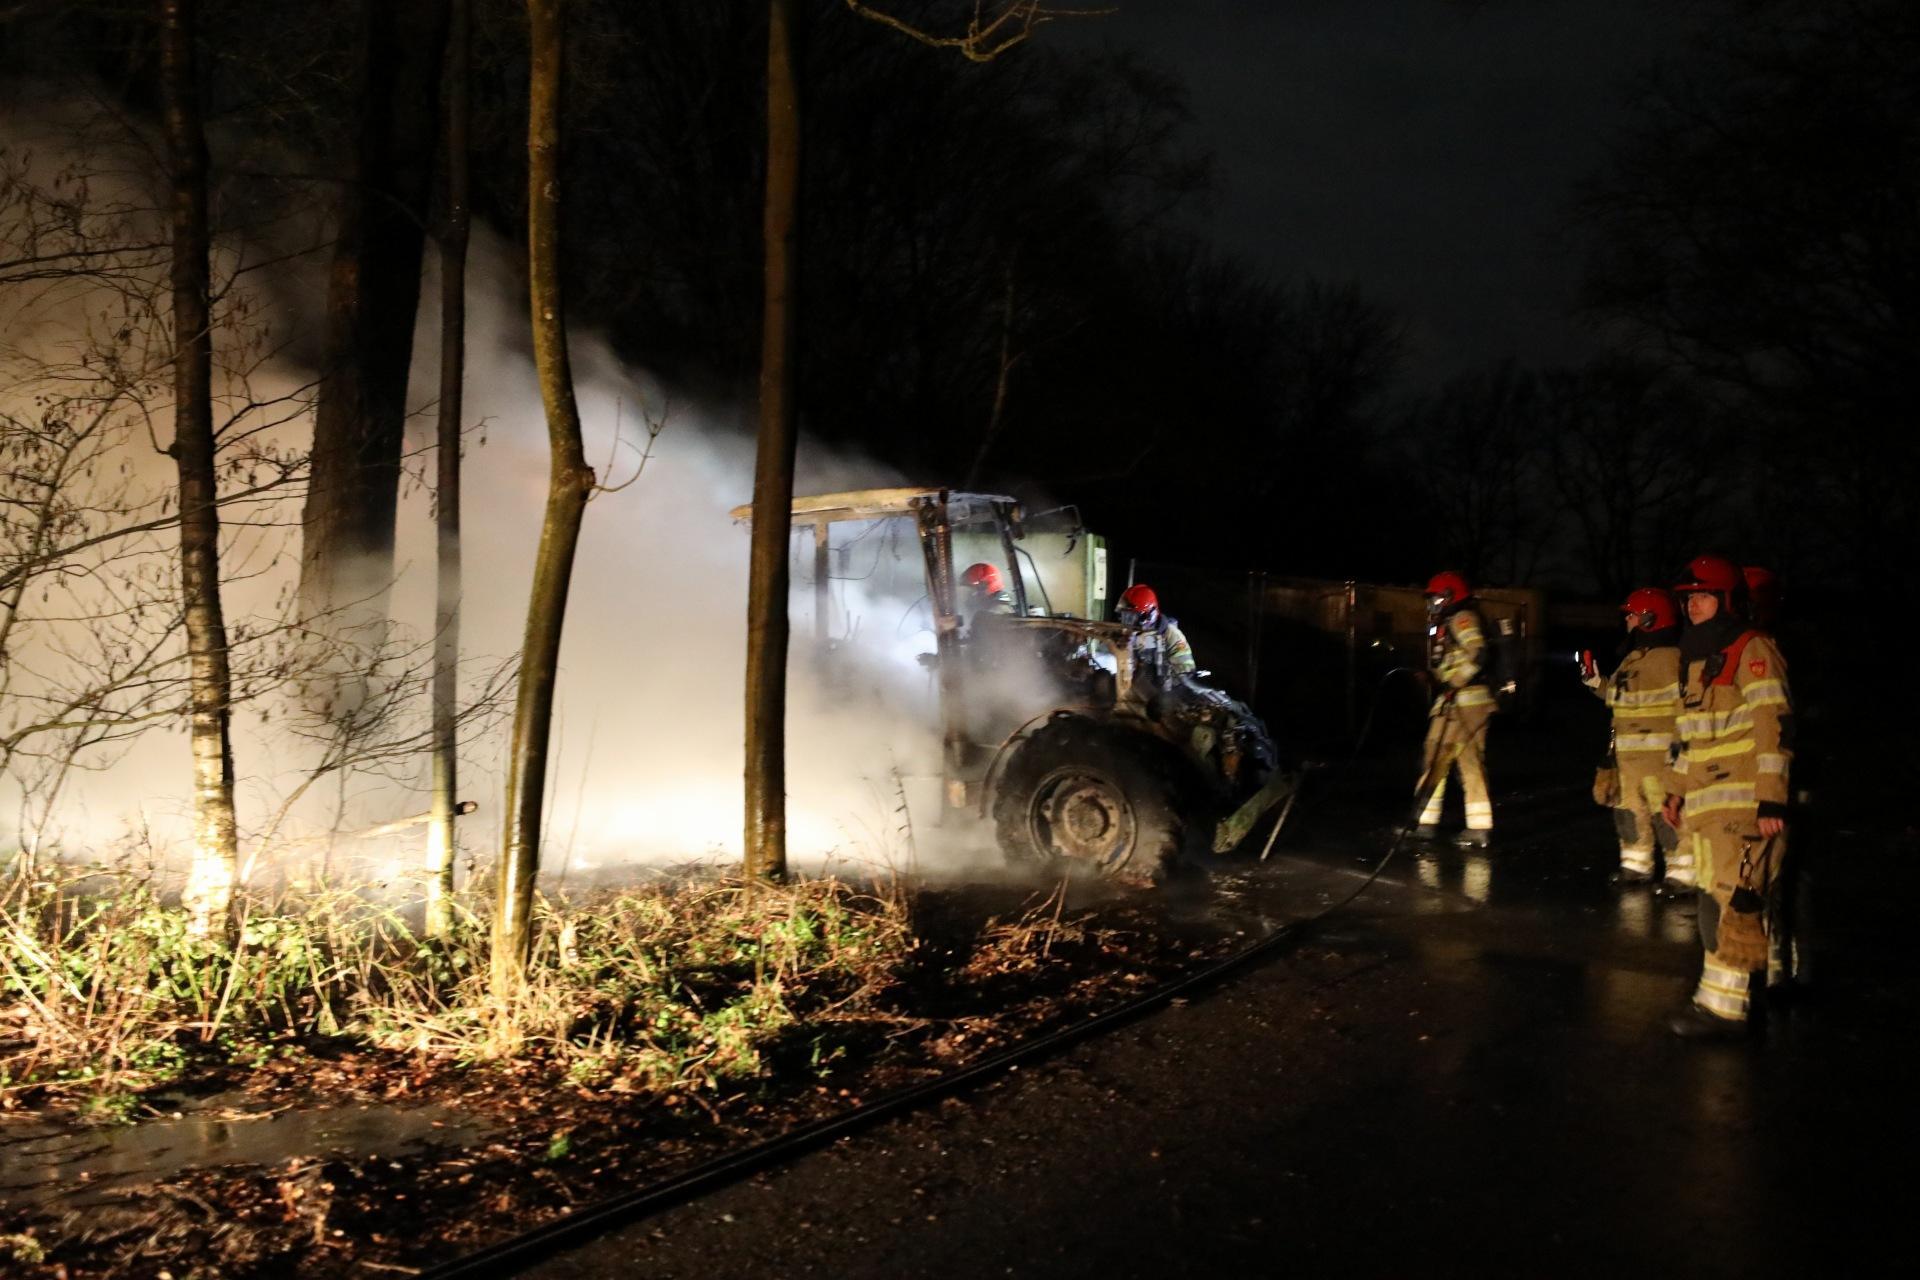 Tractor uitgebrand in Blaricum; politie doet onderzoek